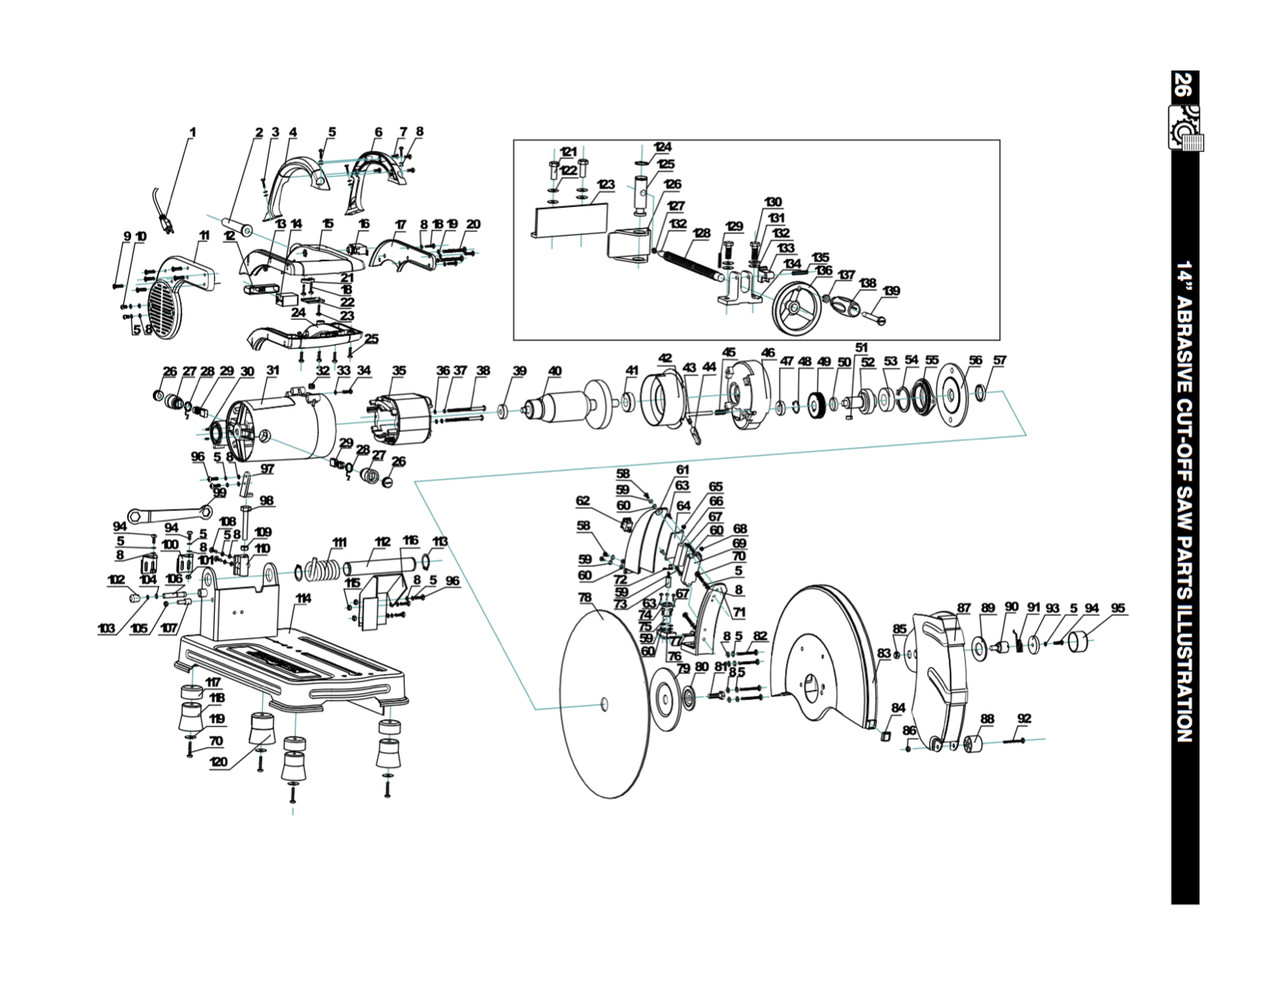 key 16 csl1400016 circuit breaker